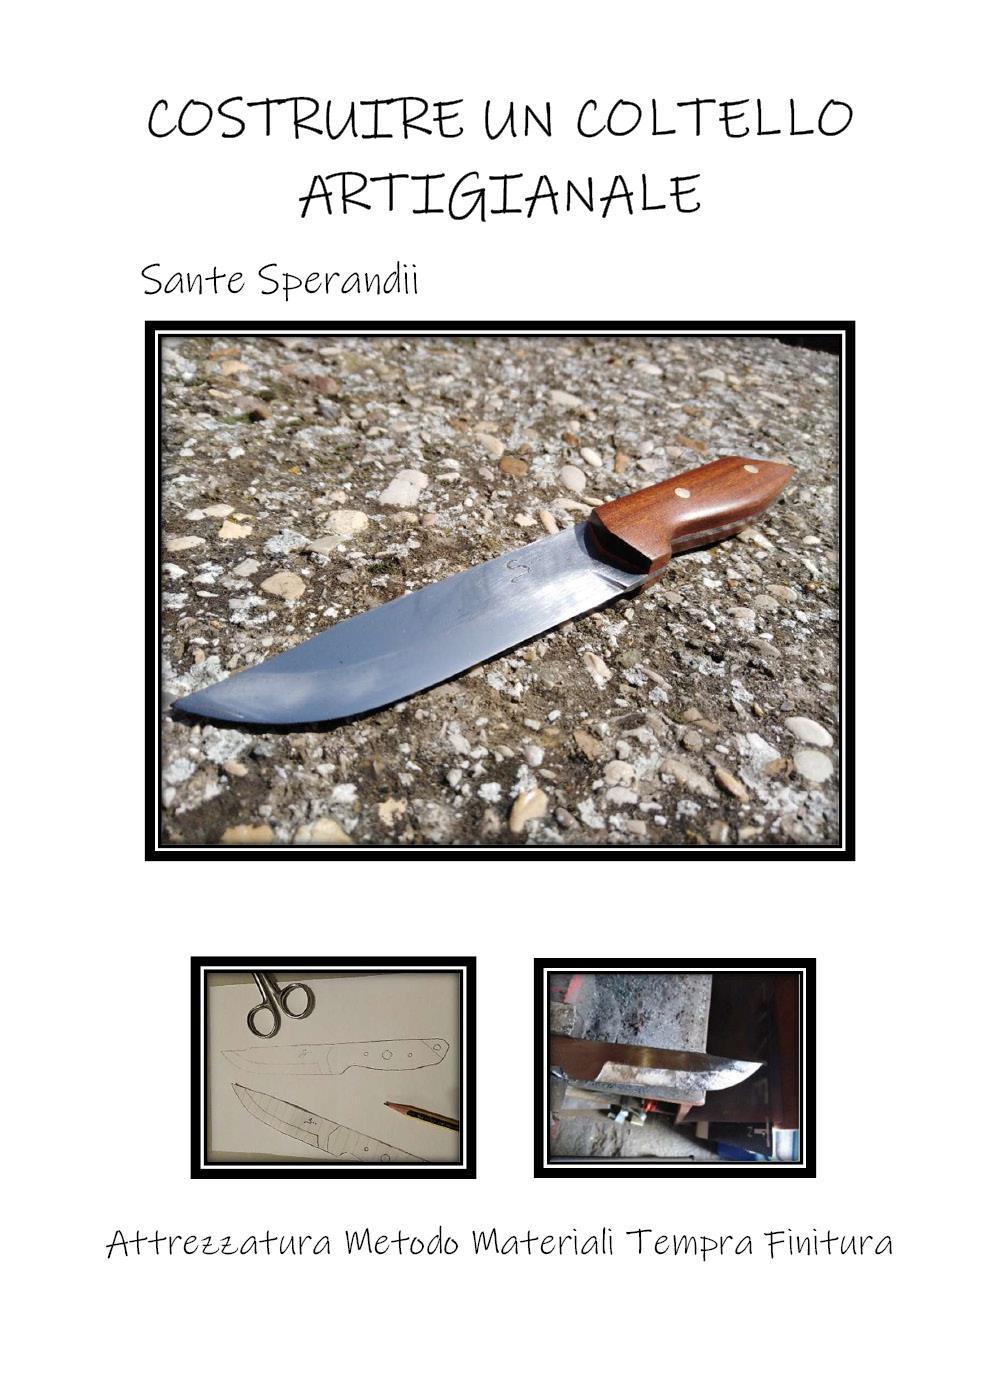 Costruire un coltello artigianale